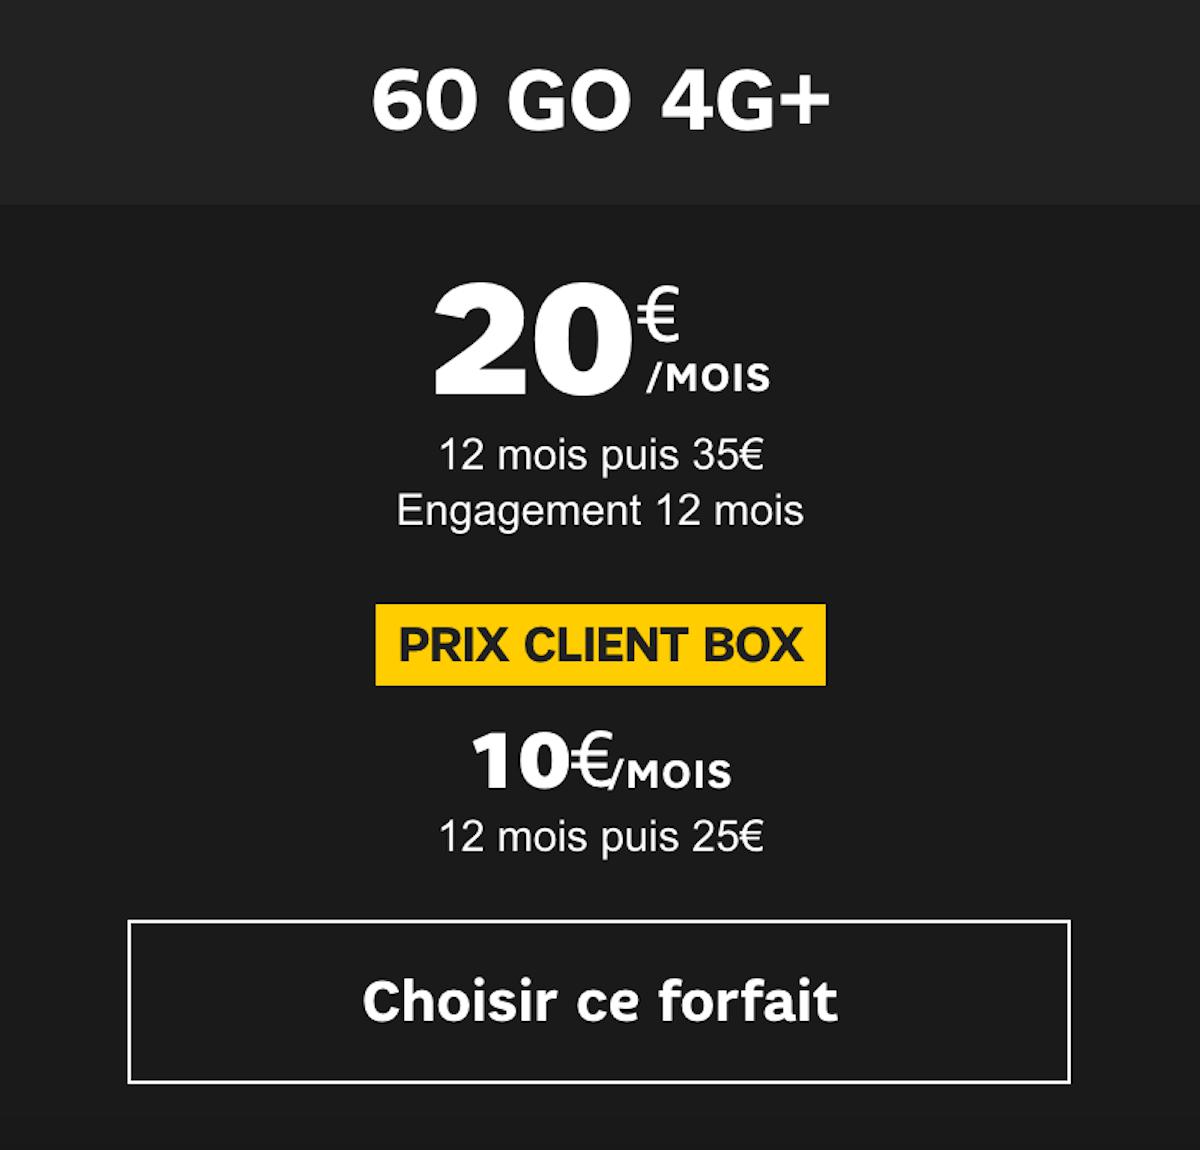 Le forfait SFR à 60 Go est au prix de 20€ par mois avec engagement sur un an